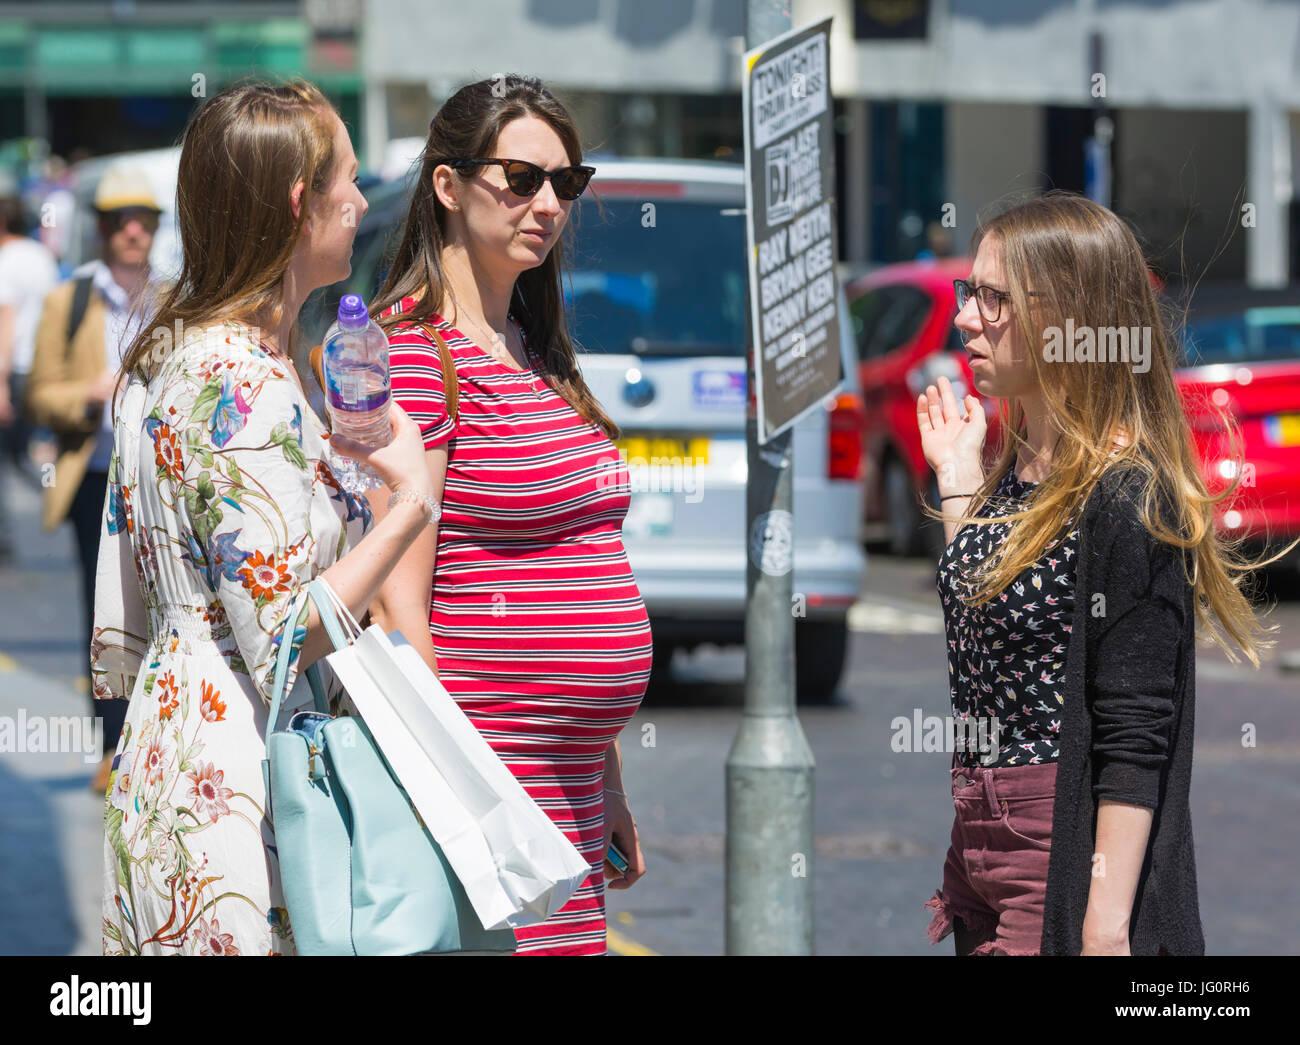 Donna incinta in piedi in una città che parla di amici di sesso femminile. Immagini Stock